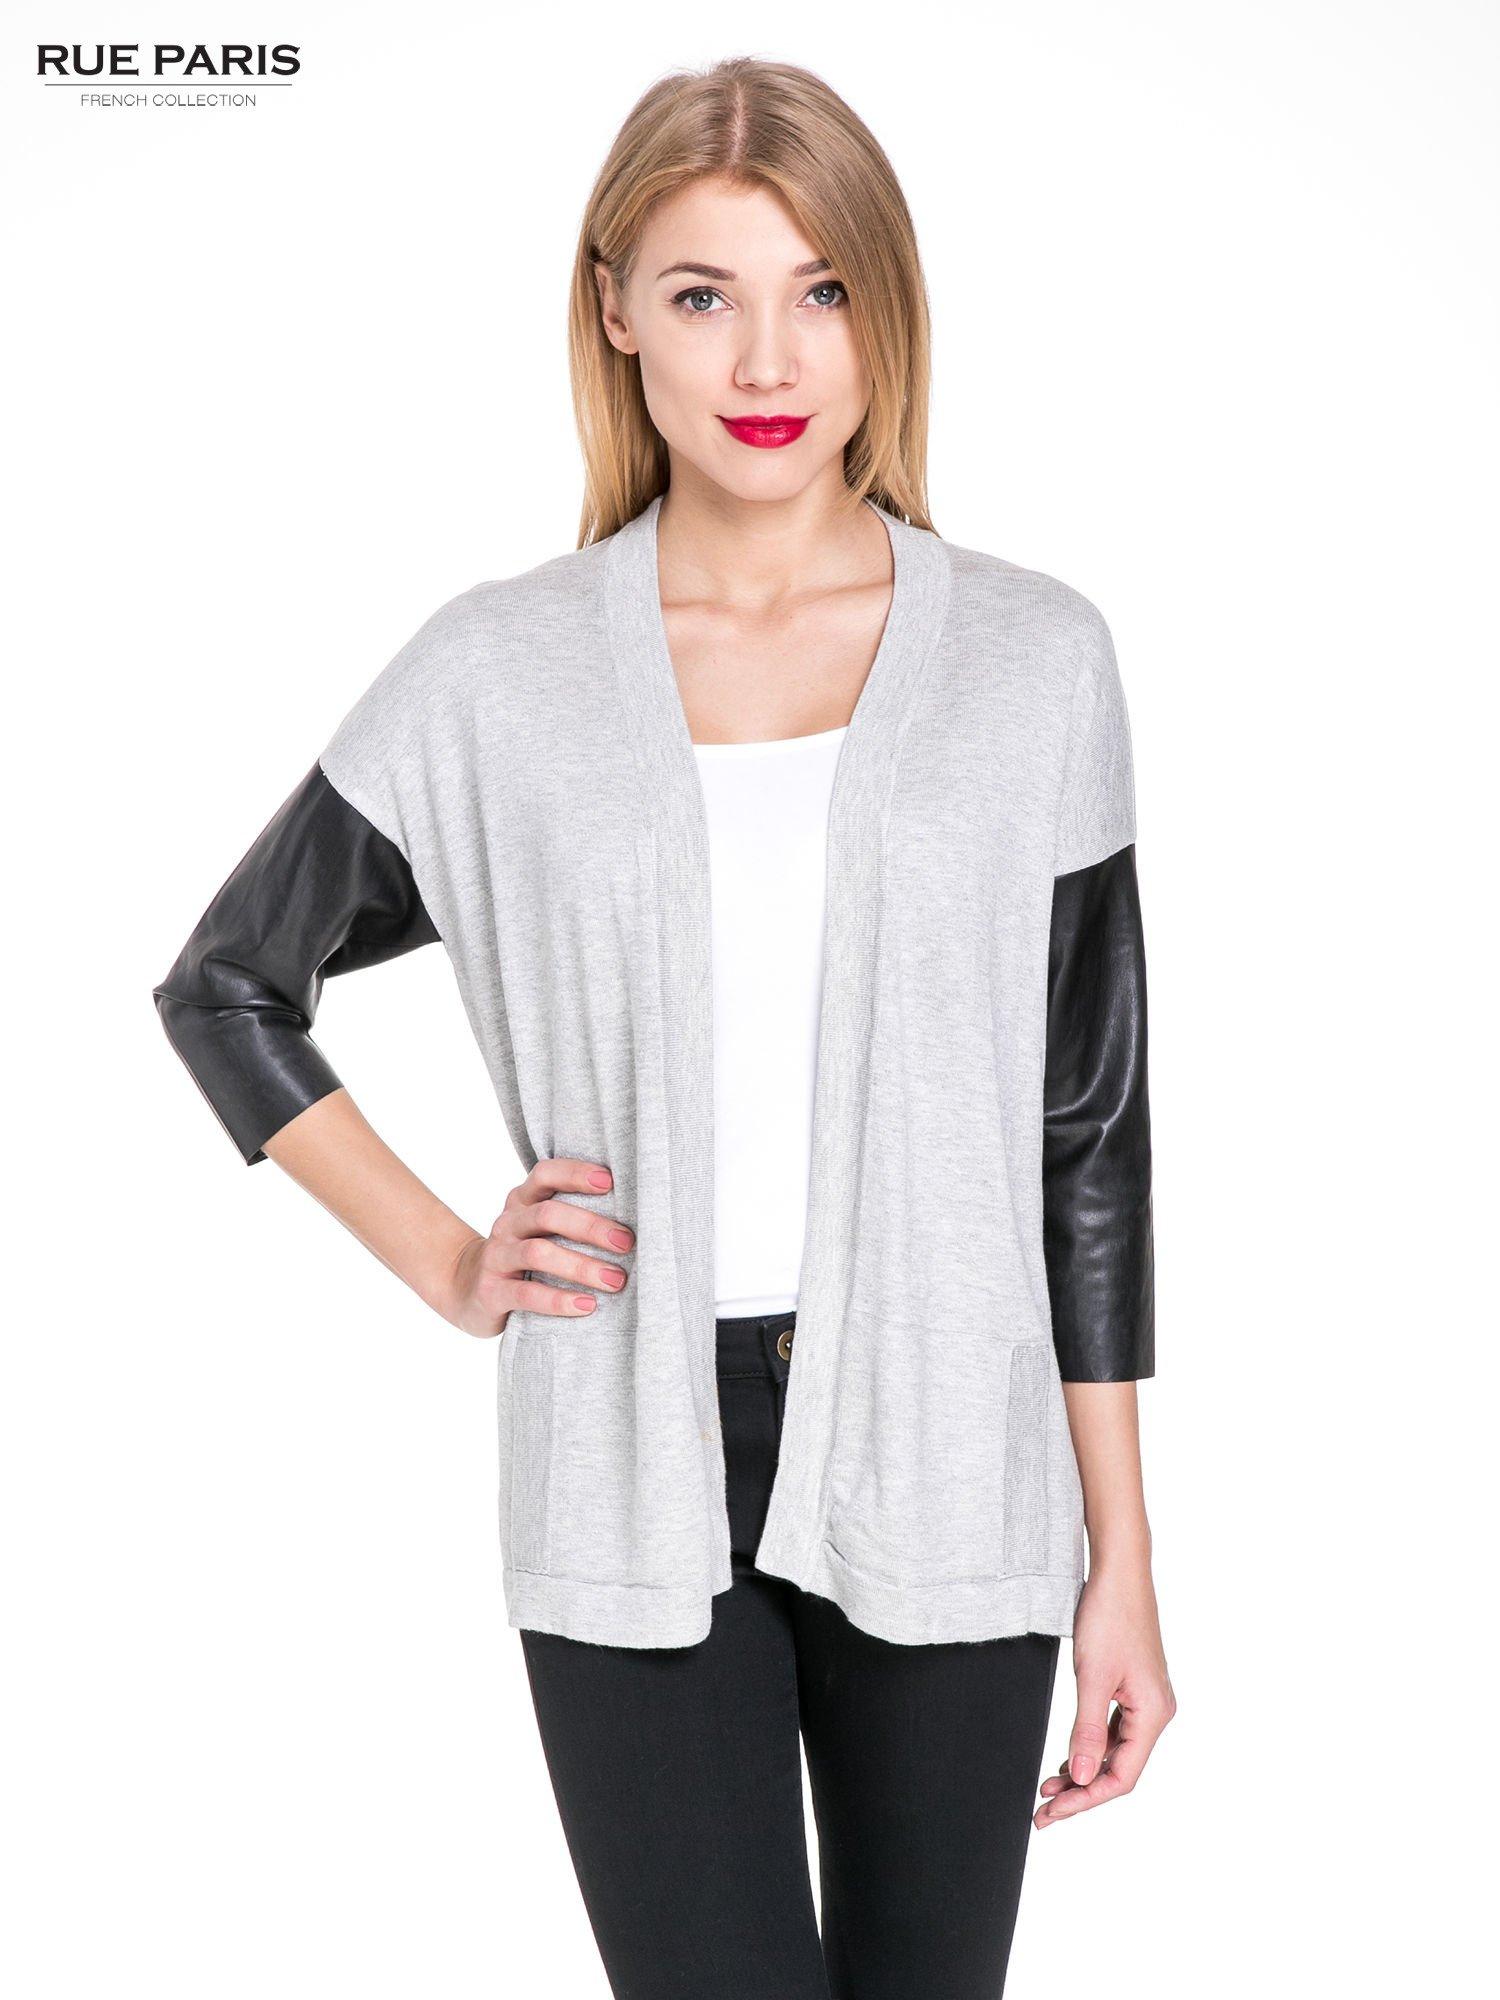 Szary sweter kardigan ze skórzanym rękawami 3/4                                  zdj.                                  1